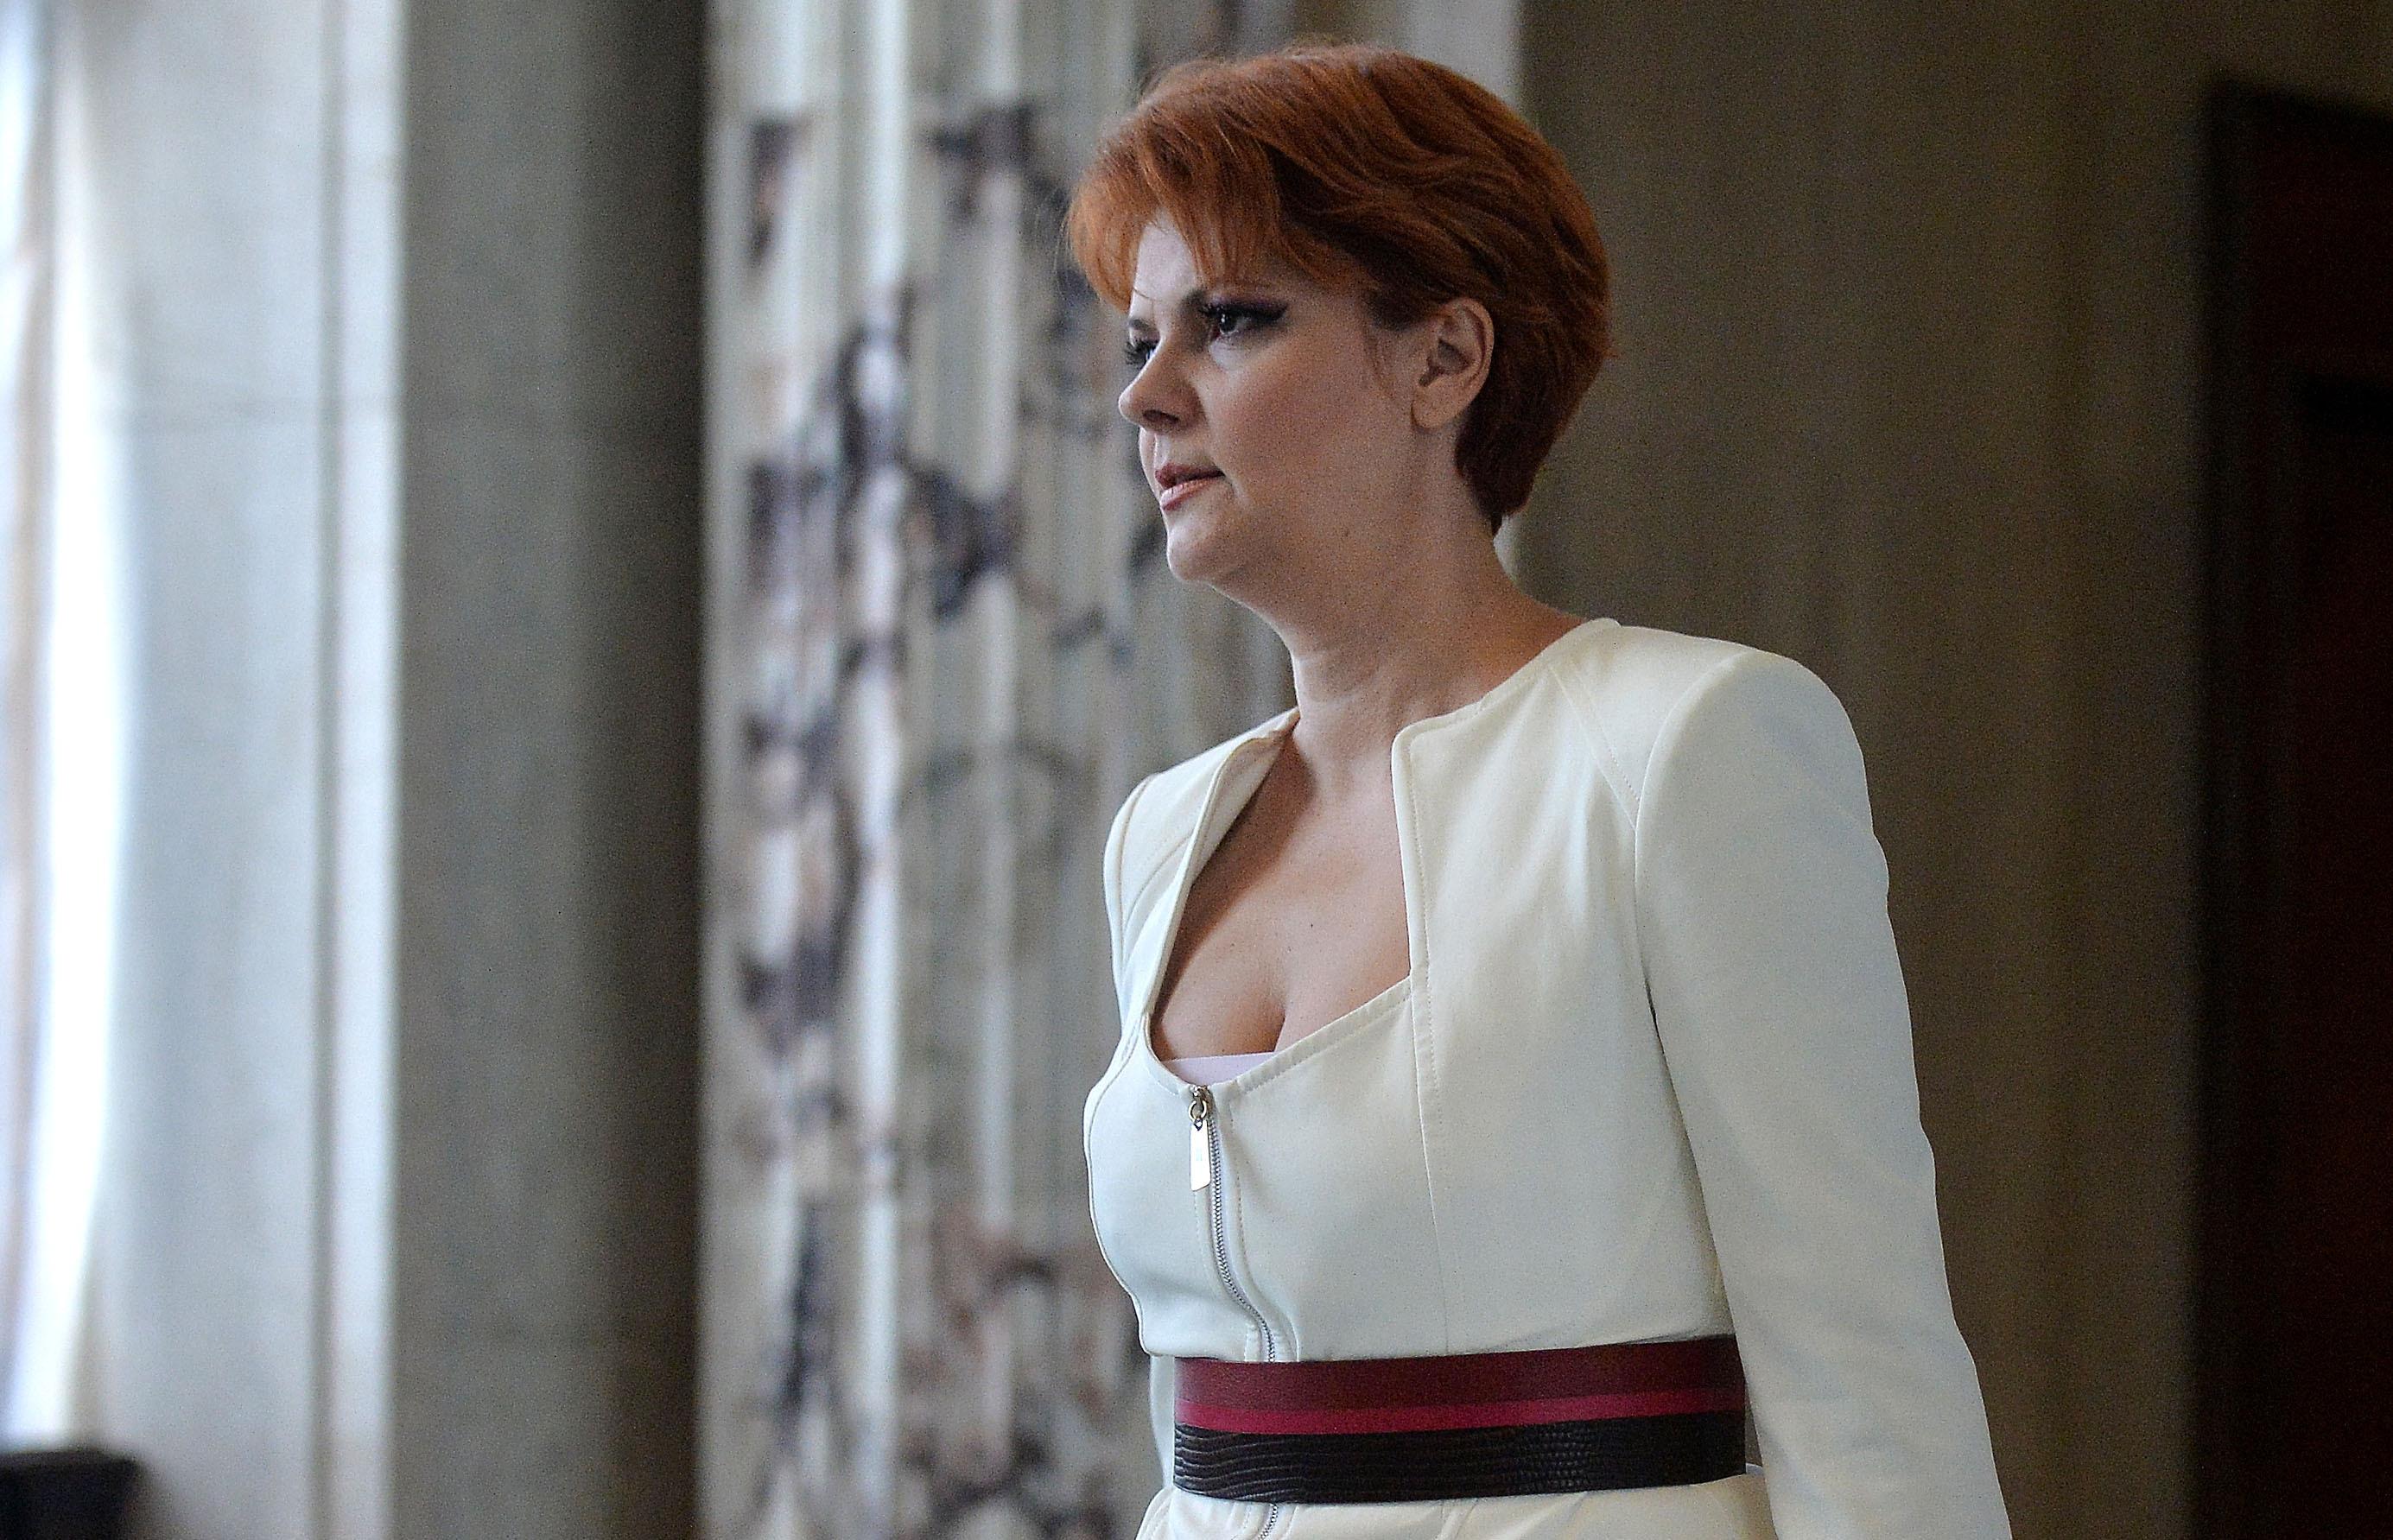 Olguţa Vasilescu: OUG pentru majorarea punctului de pensie, în 2018, la 1100 lei, discutată săptămâna viitoare la Guvern / Ce spune ministrul Muncii despre cazul tinerei bolnave de scleroză multiplă